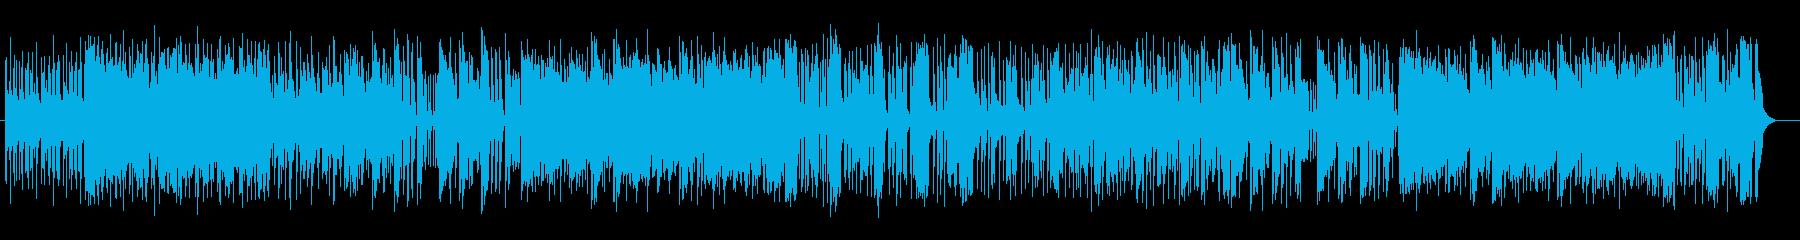 疾走感溢れるメロディの格好いいポップスの再生済みの波形